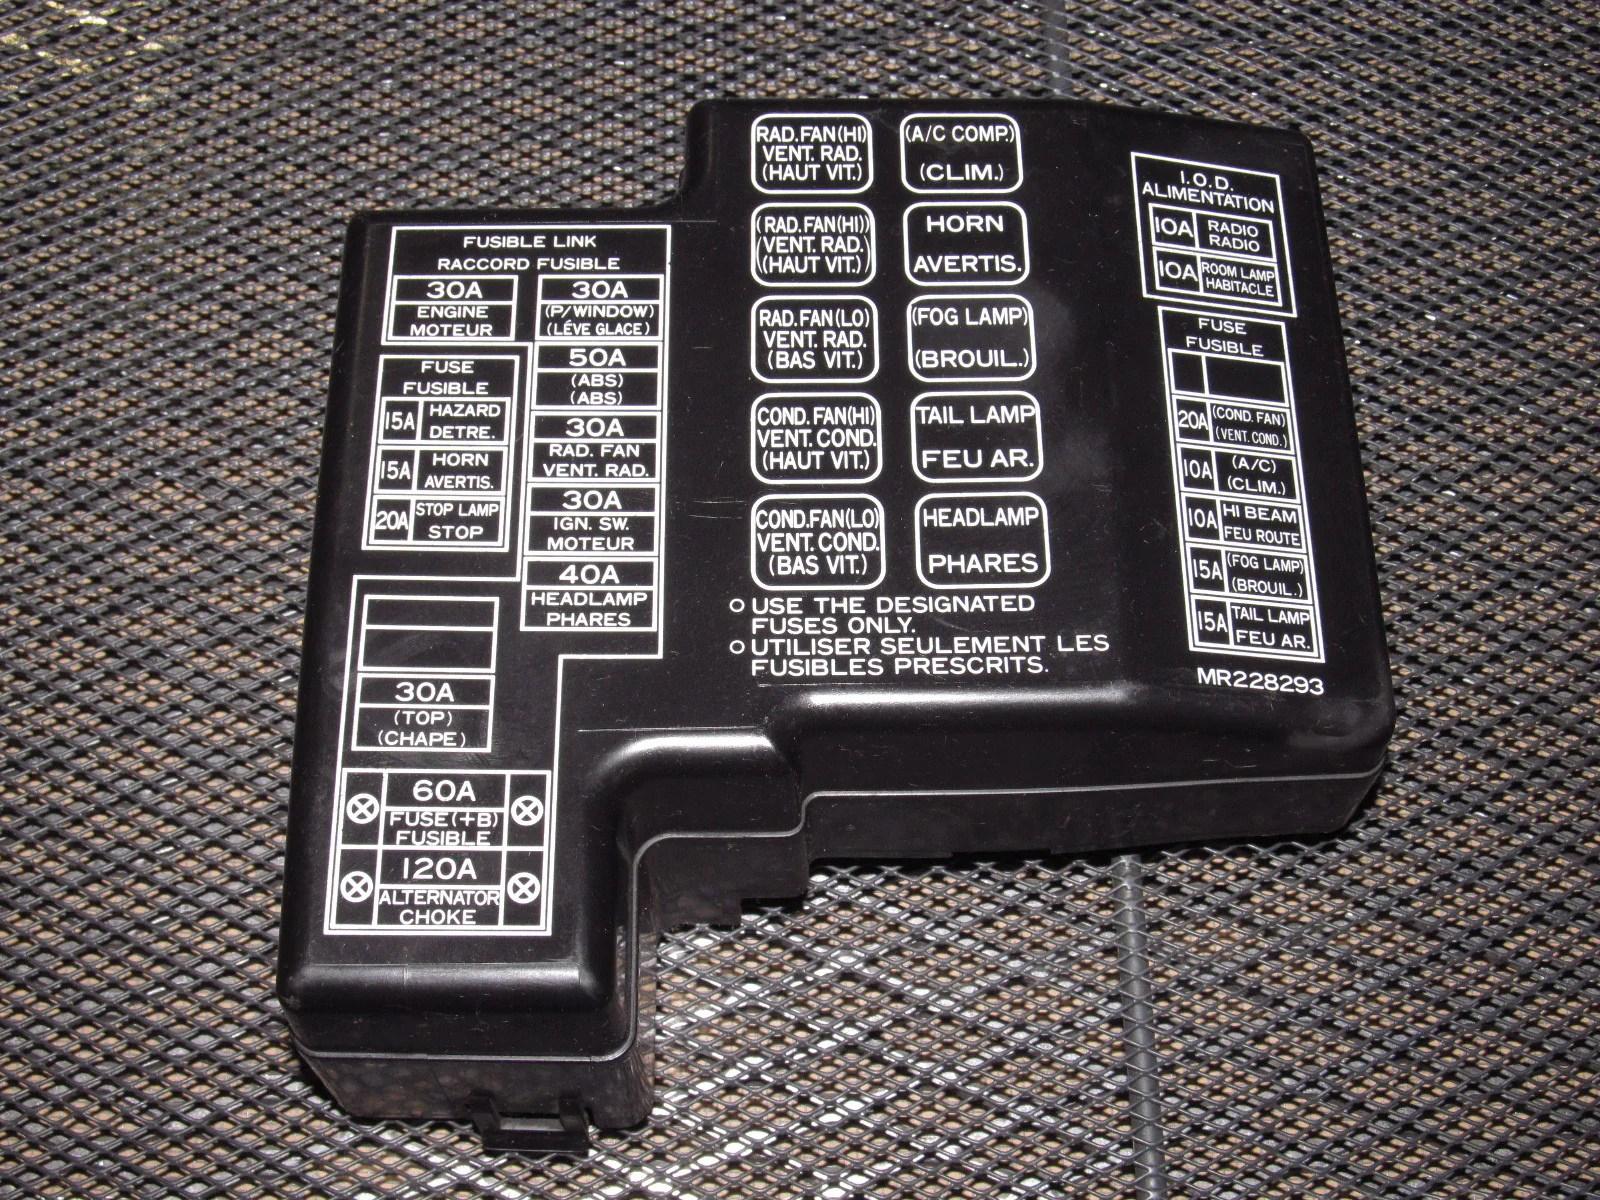 1998 Mitsubishi Galant Fuse Box Diagram 300x229 1998 Mitsubishi Galant